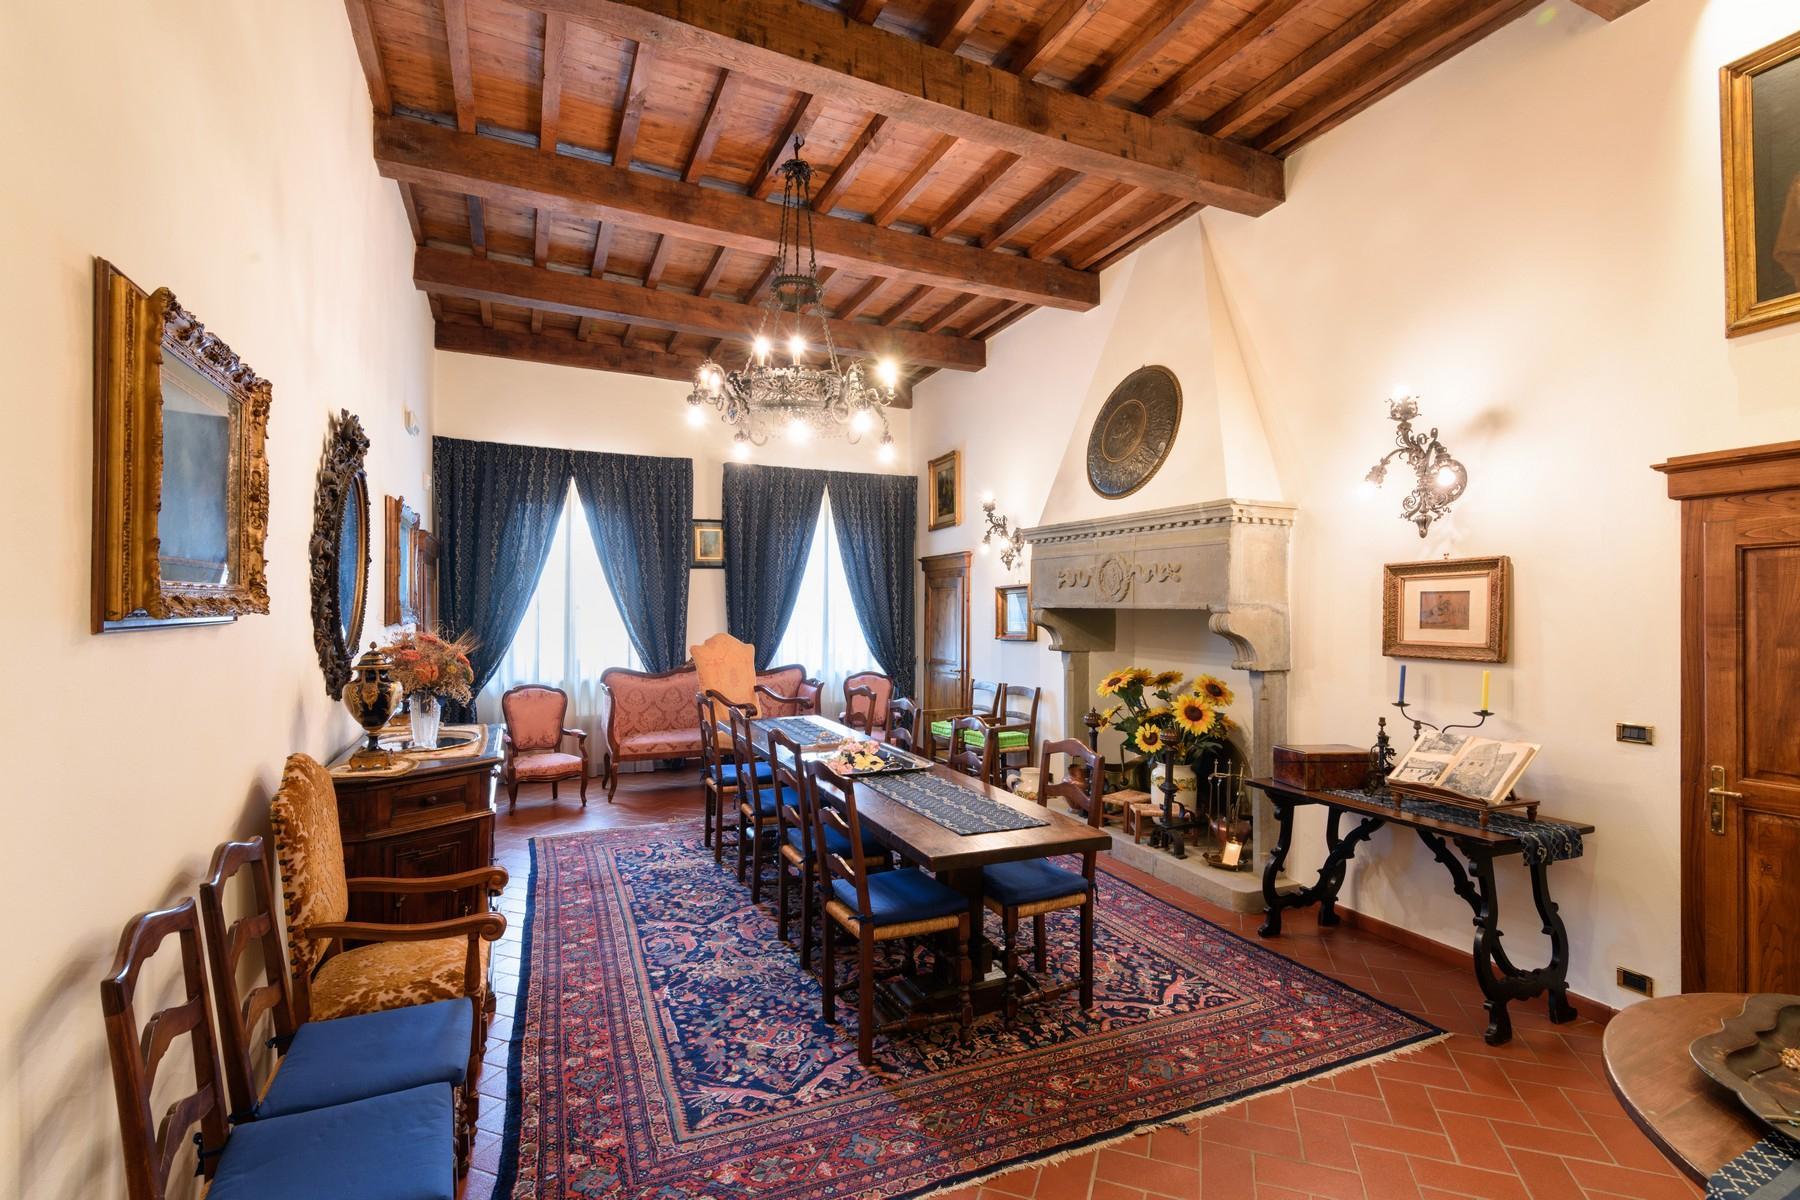 Palais historique du Xe siècle au coeur de la Val di Chiana - 8